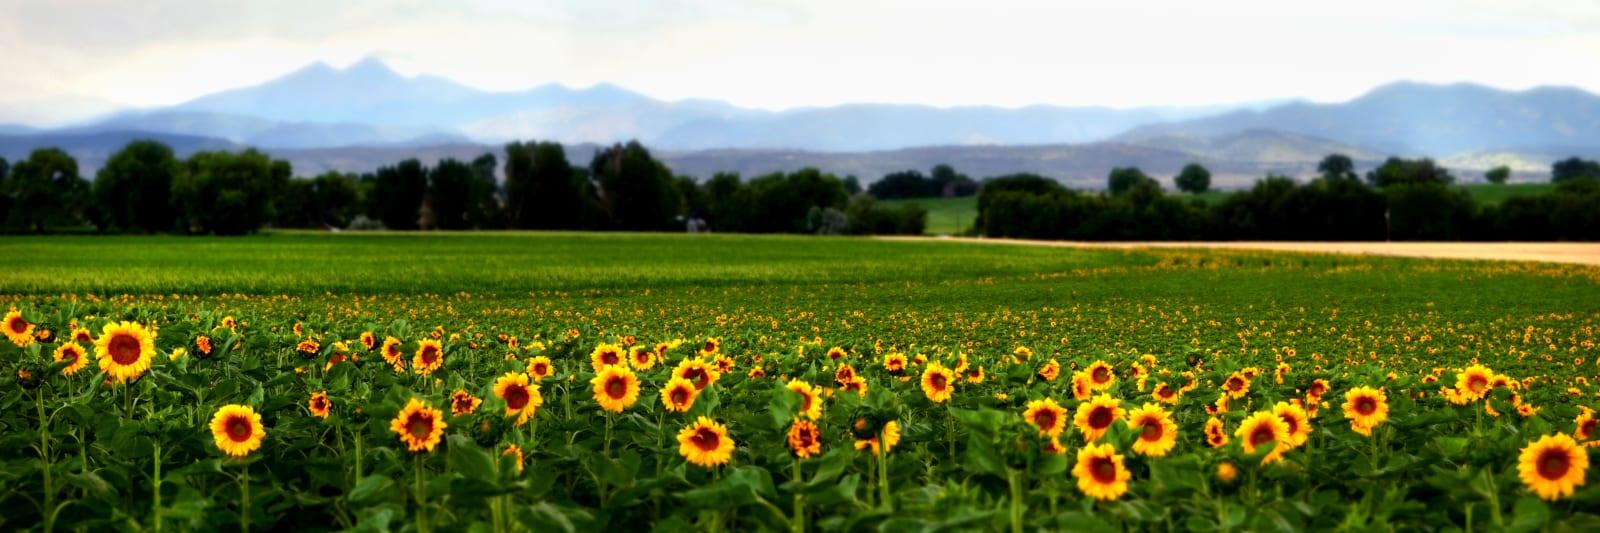 Berthoud Colorado Sunflowers